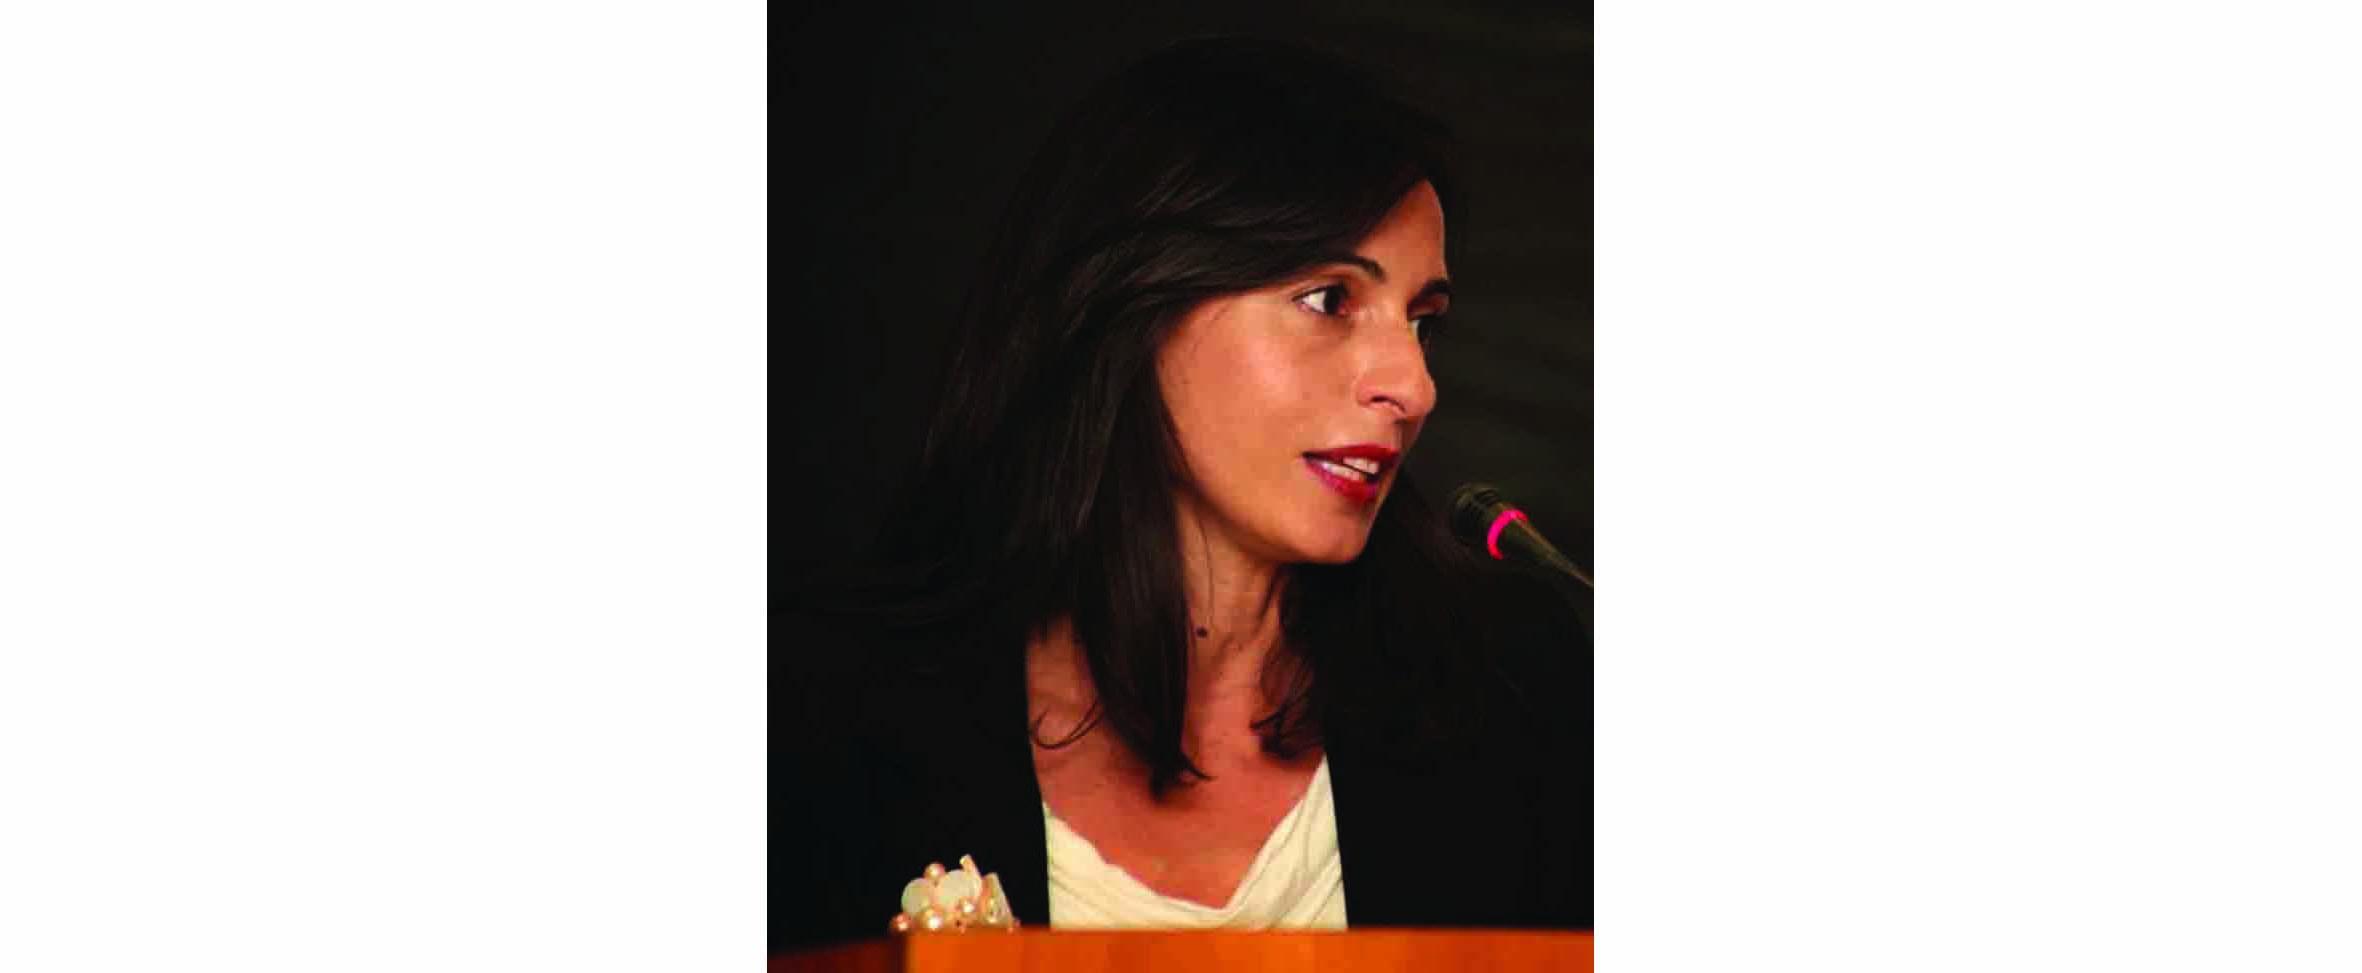 Il Collegio Universitario S. Caterina ha nominato Giovanna Torre nuova Rettrice